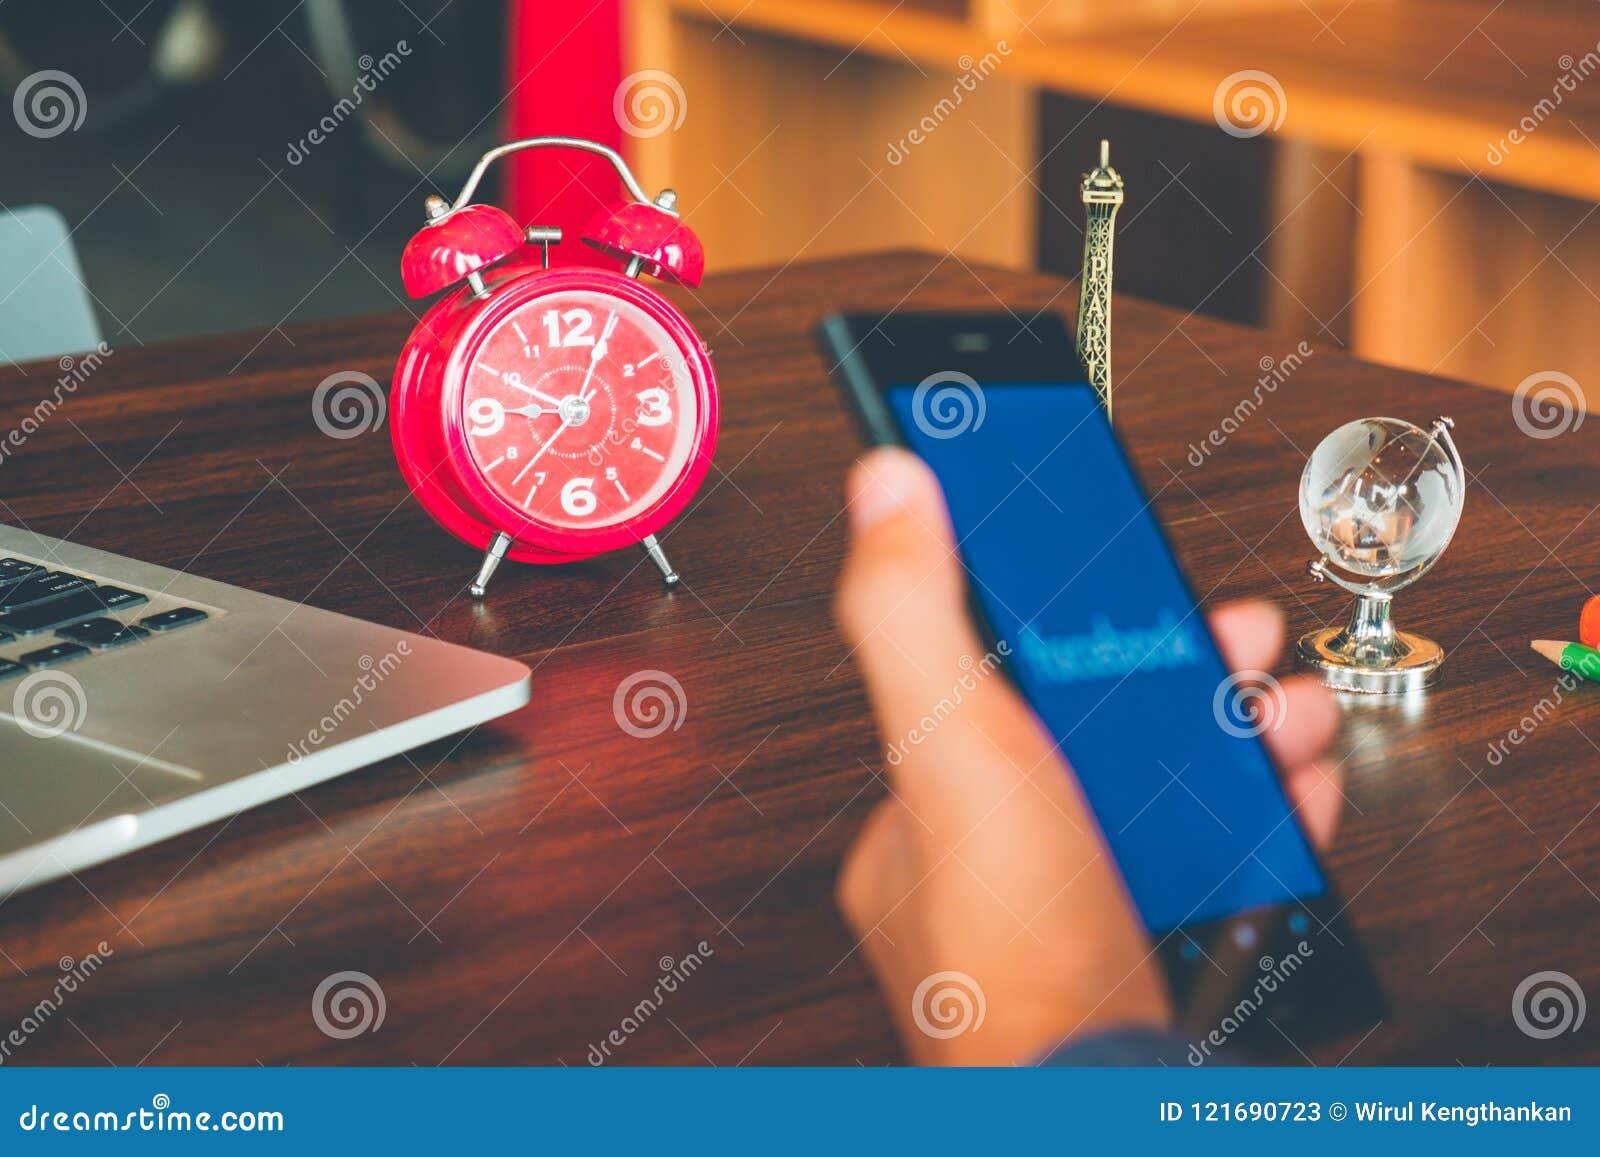 El medios concepto social, el despertador y la mano de la gestión de tiempo se sostienen